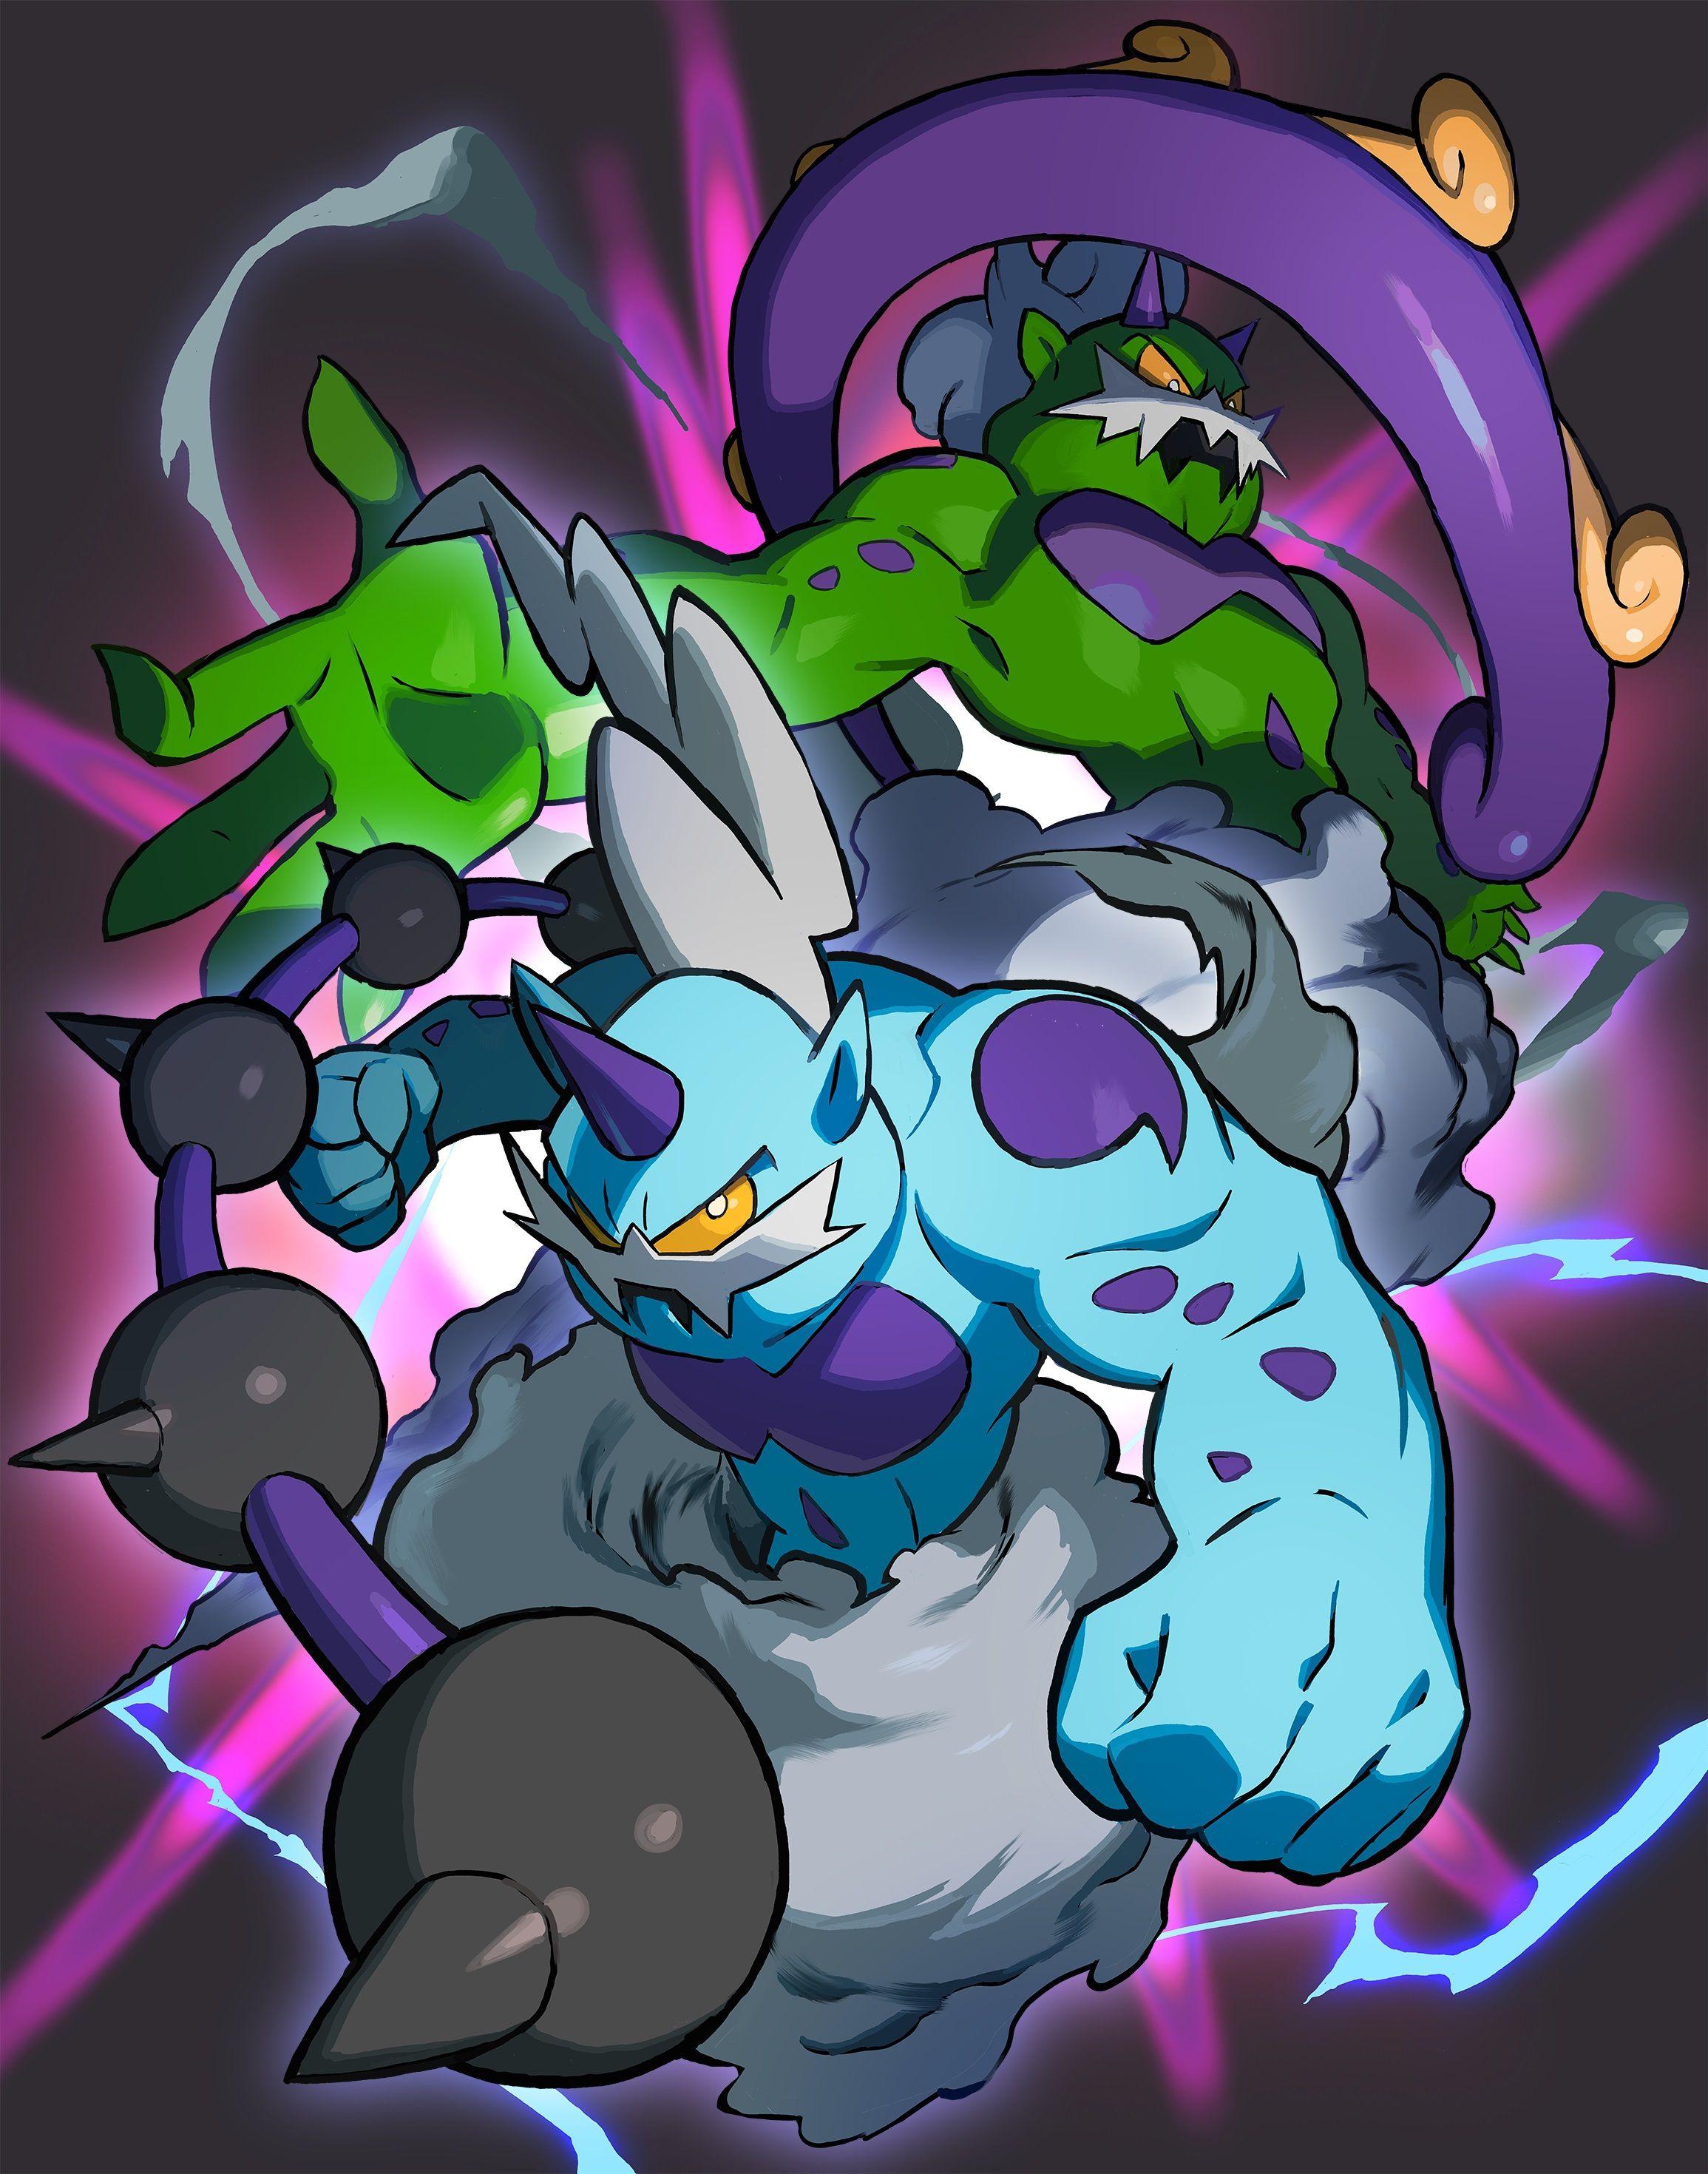 Thundurus and Tornadus pokemon